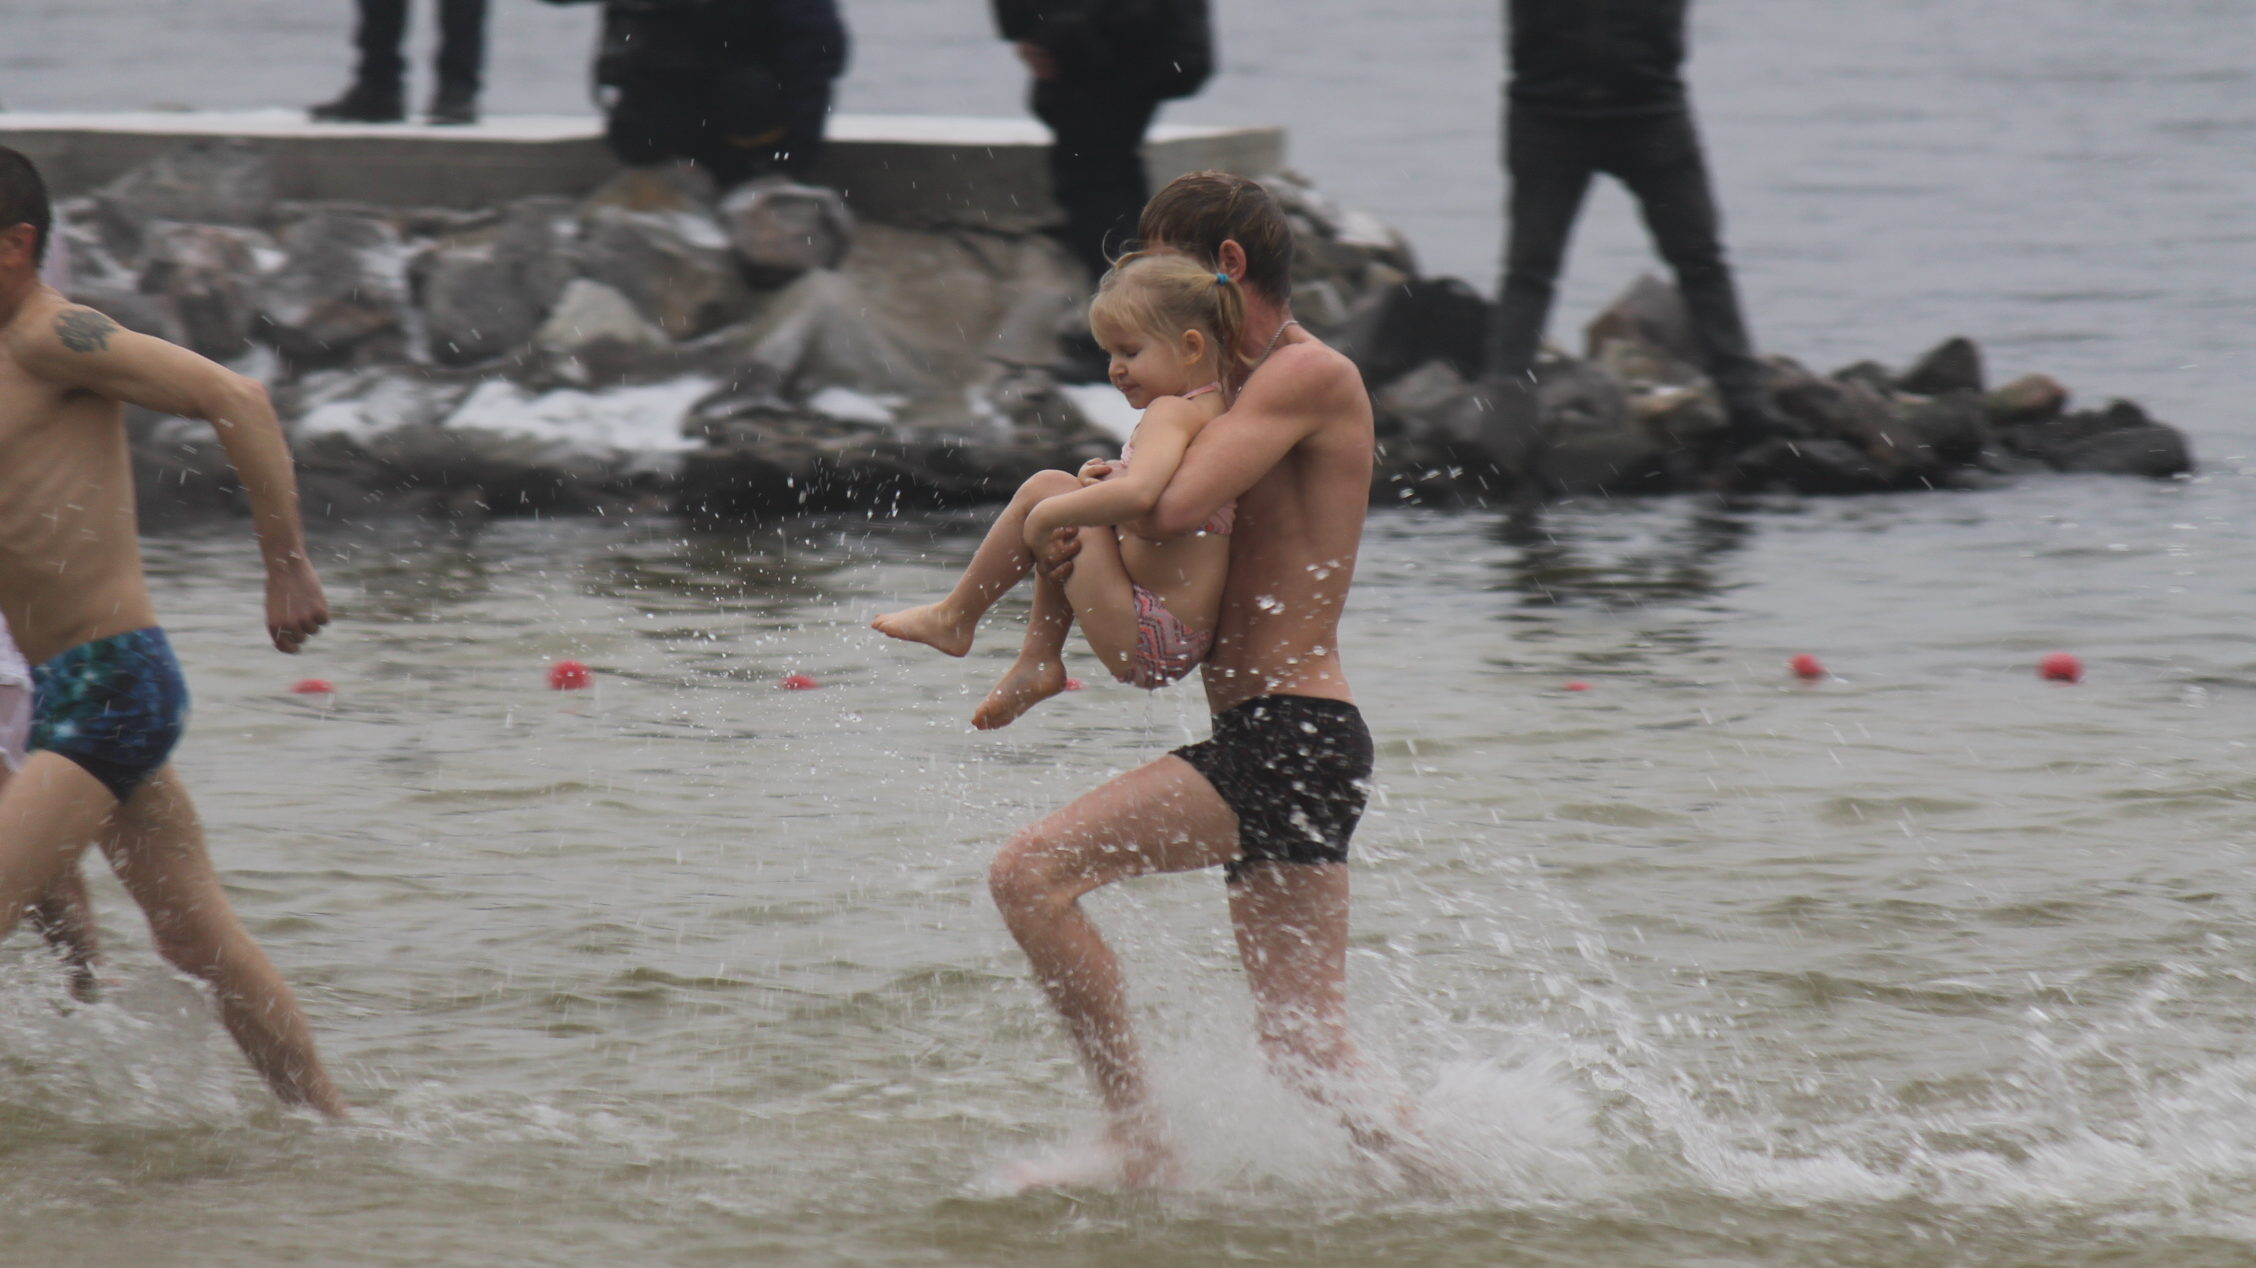 У Запоріжжі на Правобережному пляжі сотні людей пірнали у води Дніпра, – ФОТОРЕПОРТАЖ